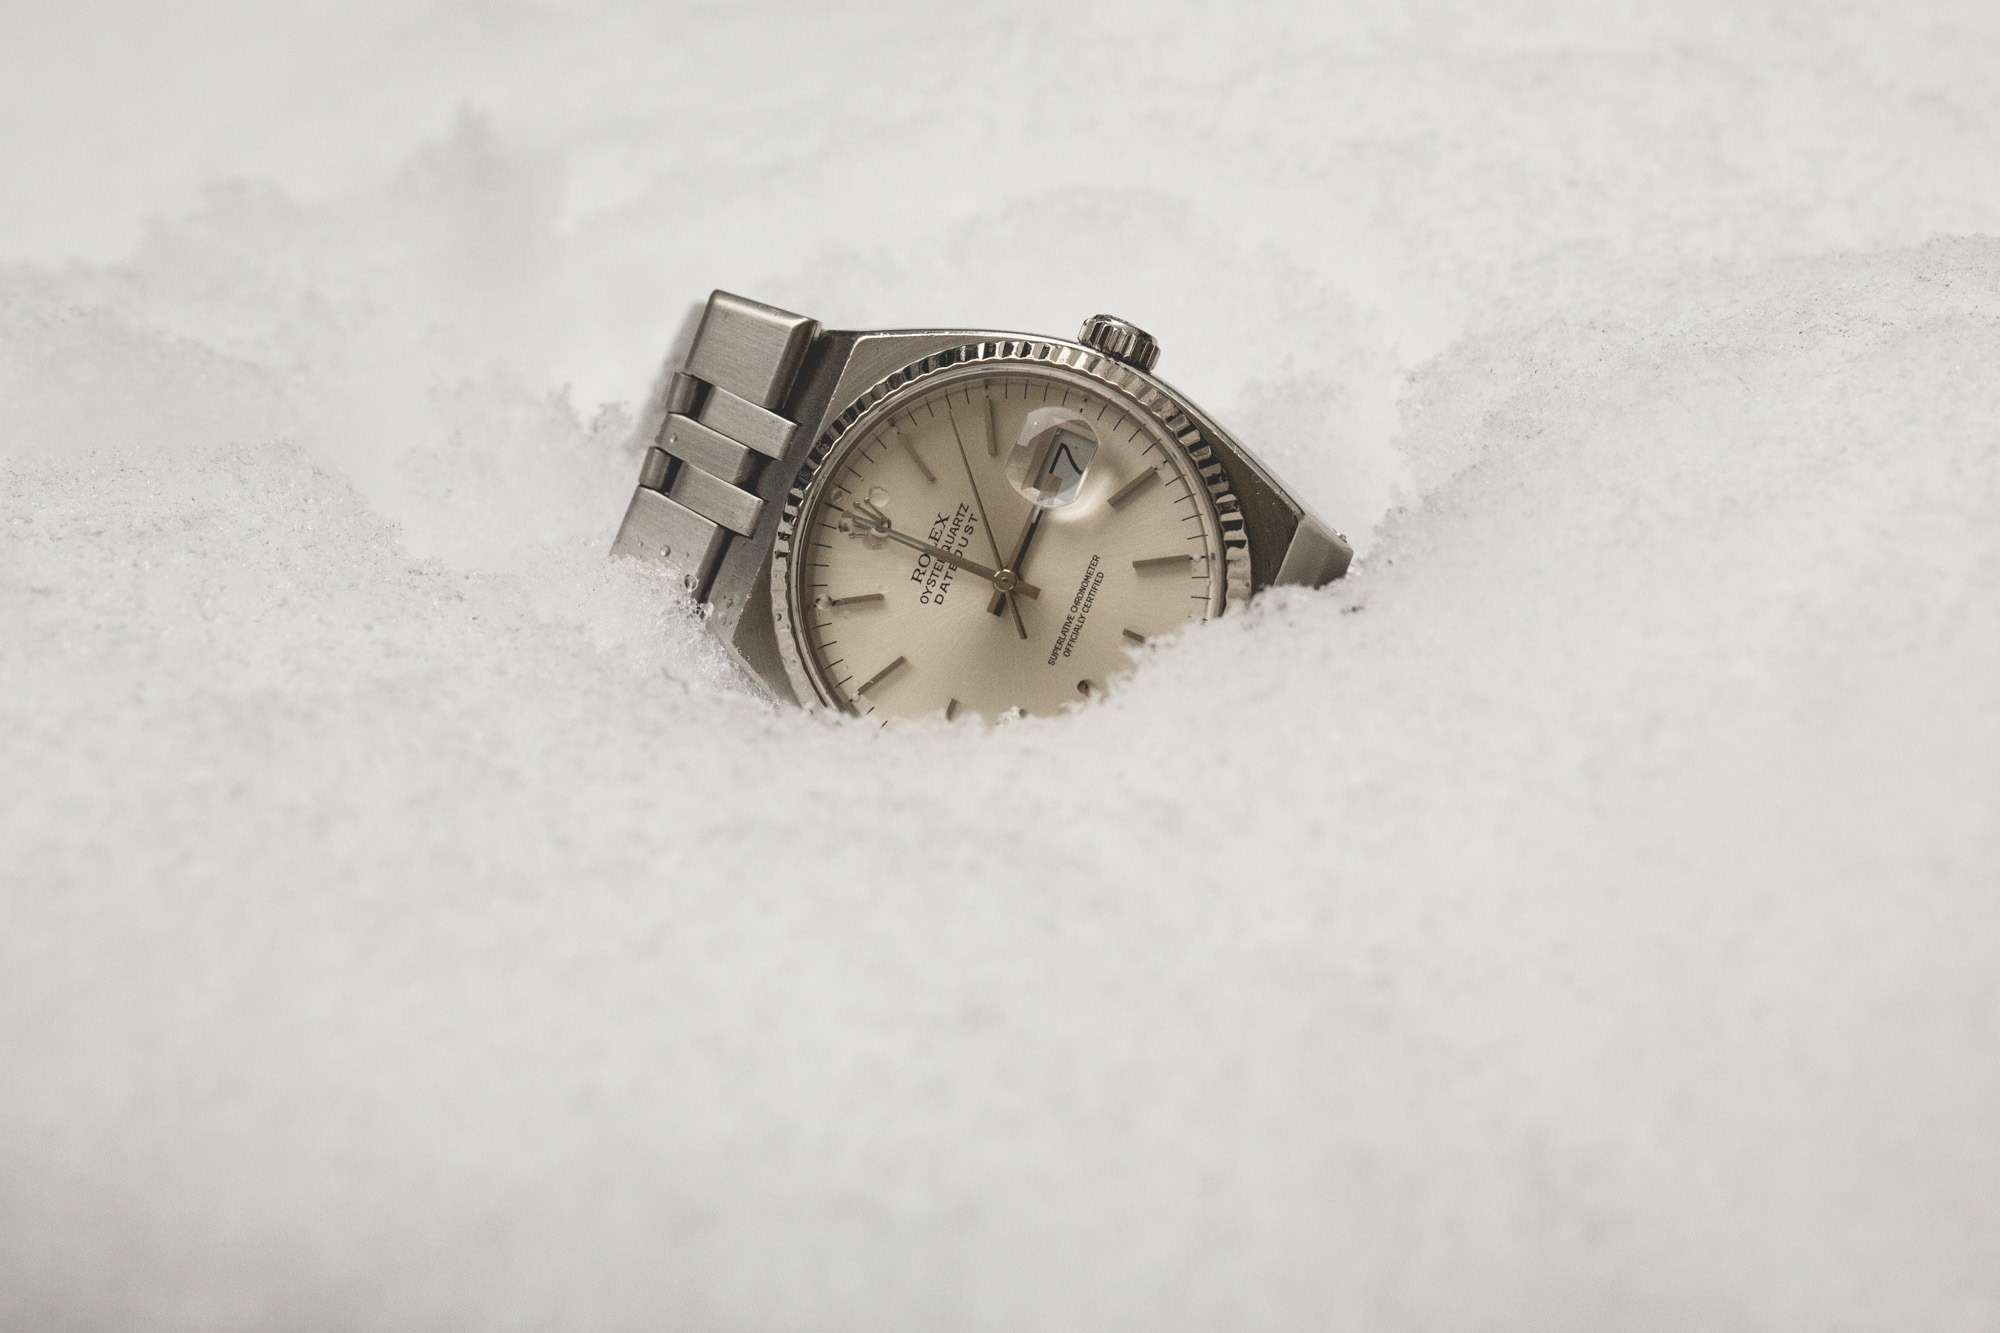 Rolex Oysterquartz - Datejust 17014 - focus